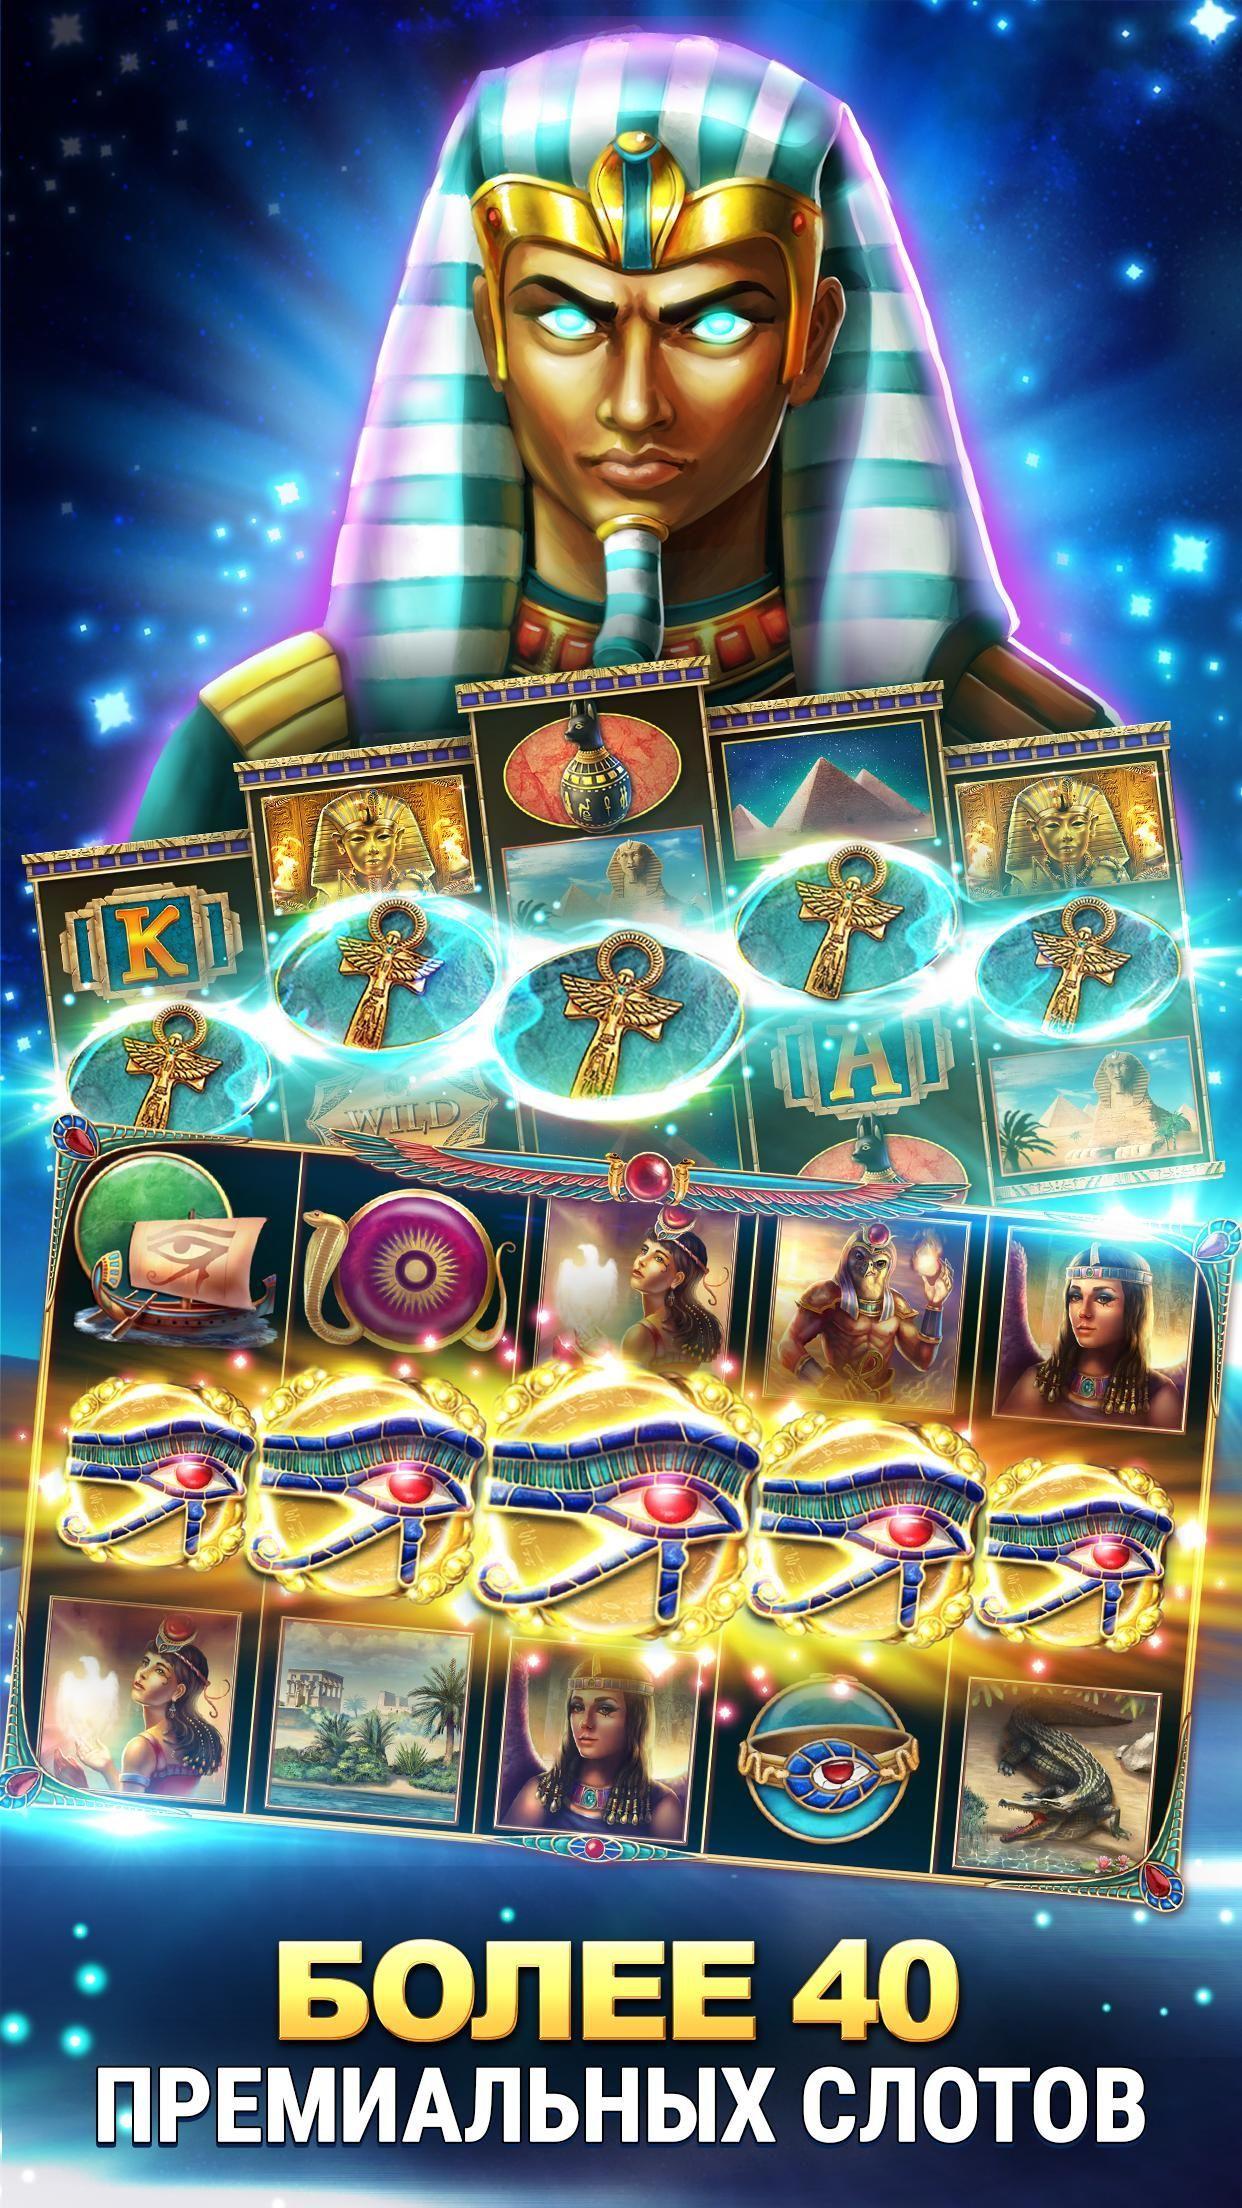 Фараон игровые автоматы online играть в карты косынка бесплатно и без регистрации онлайн на русском